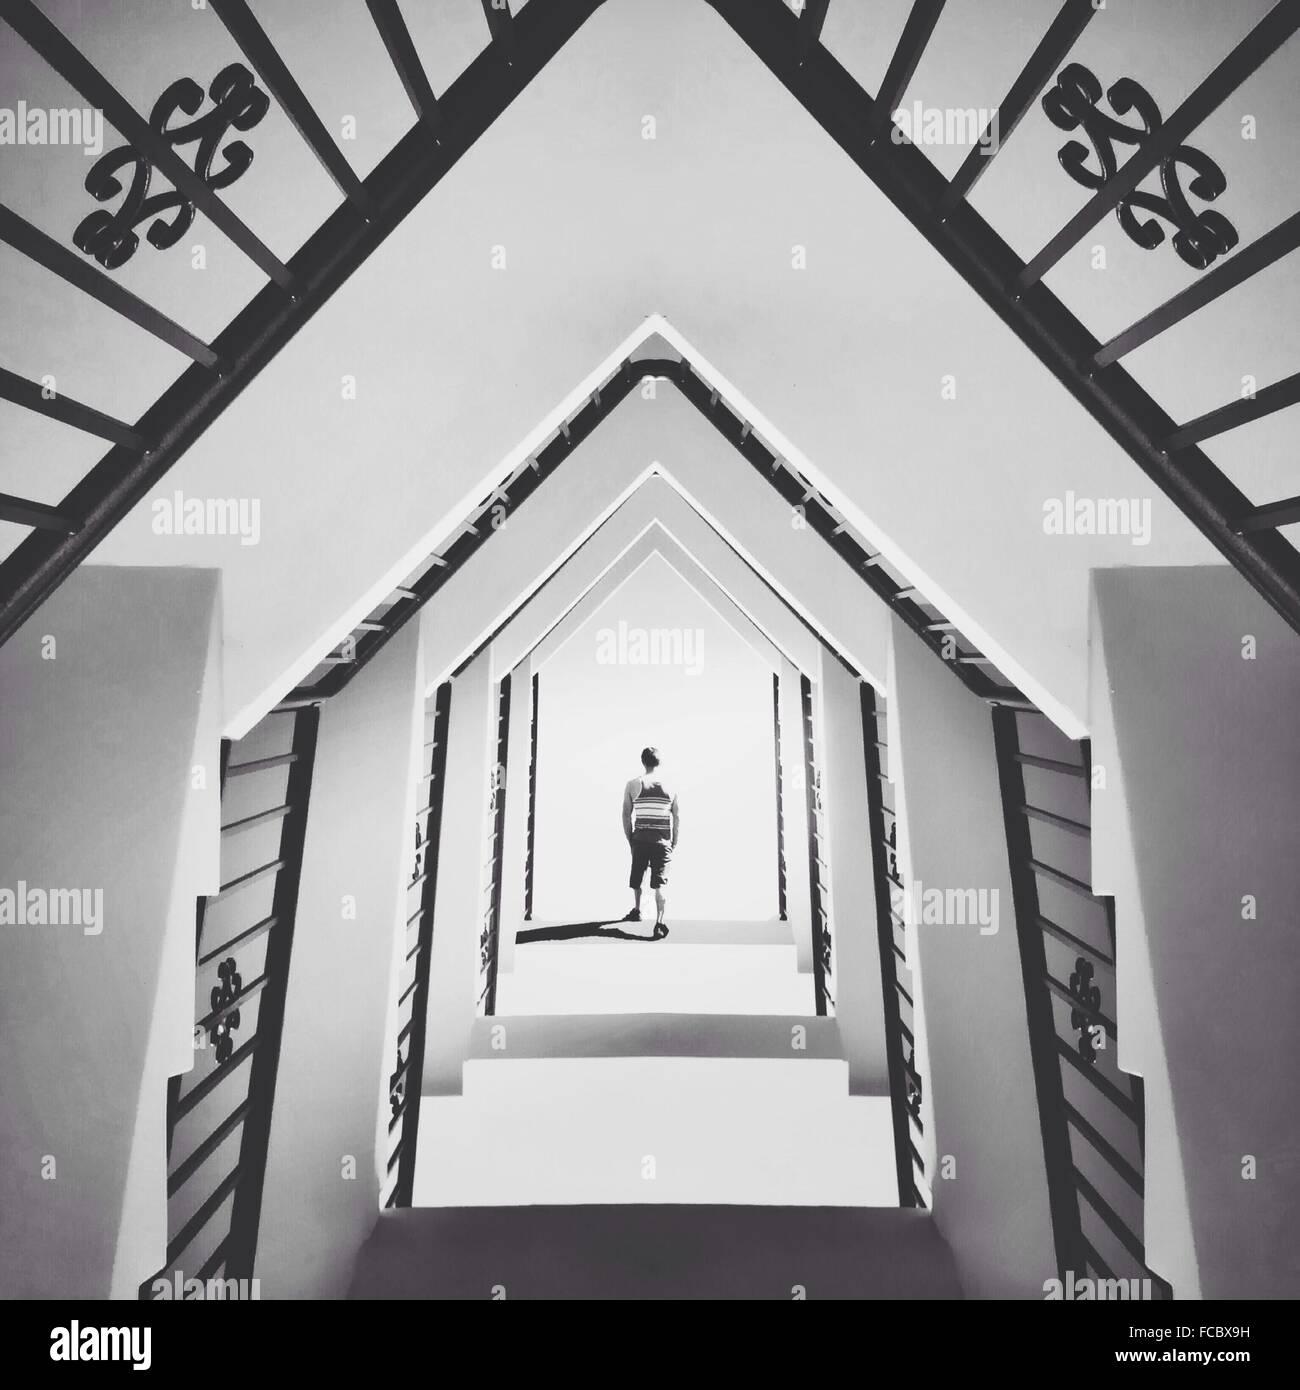 Mann zu Fuß In abstrakt-Gebäude Stockbild